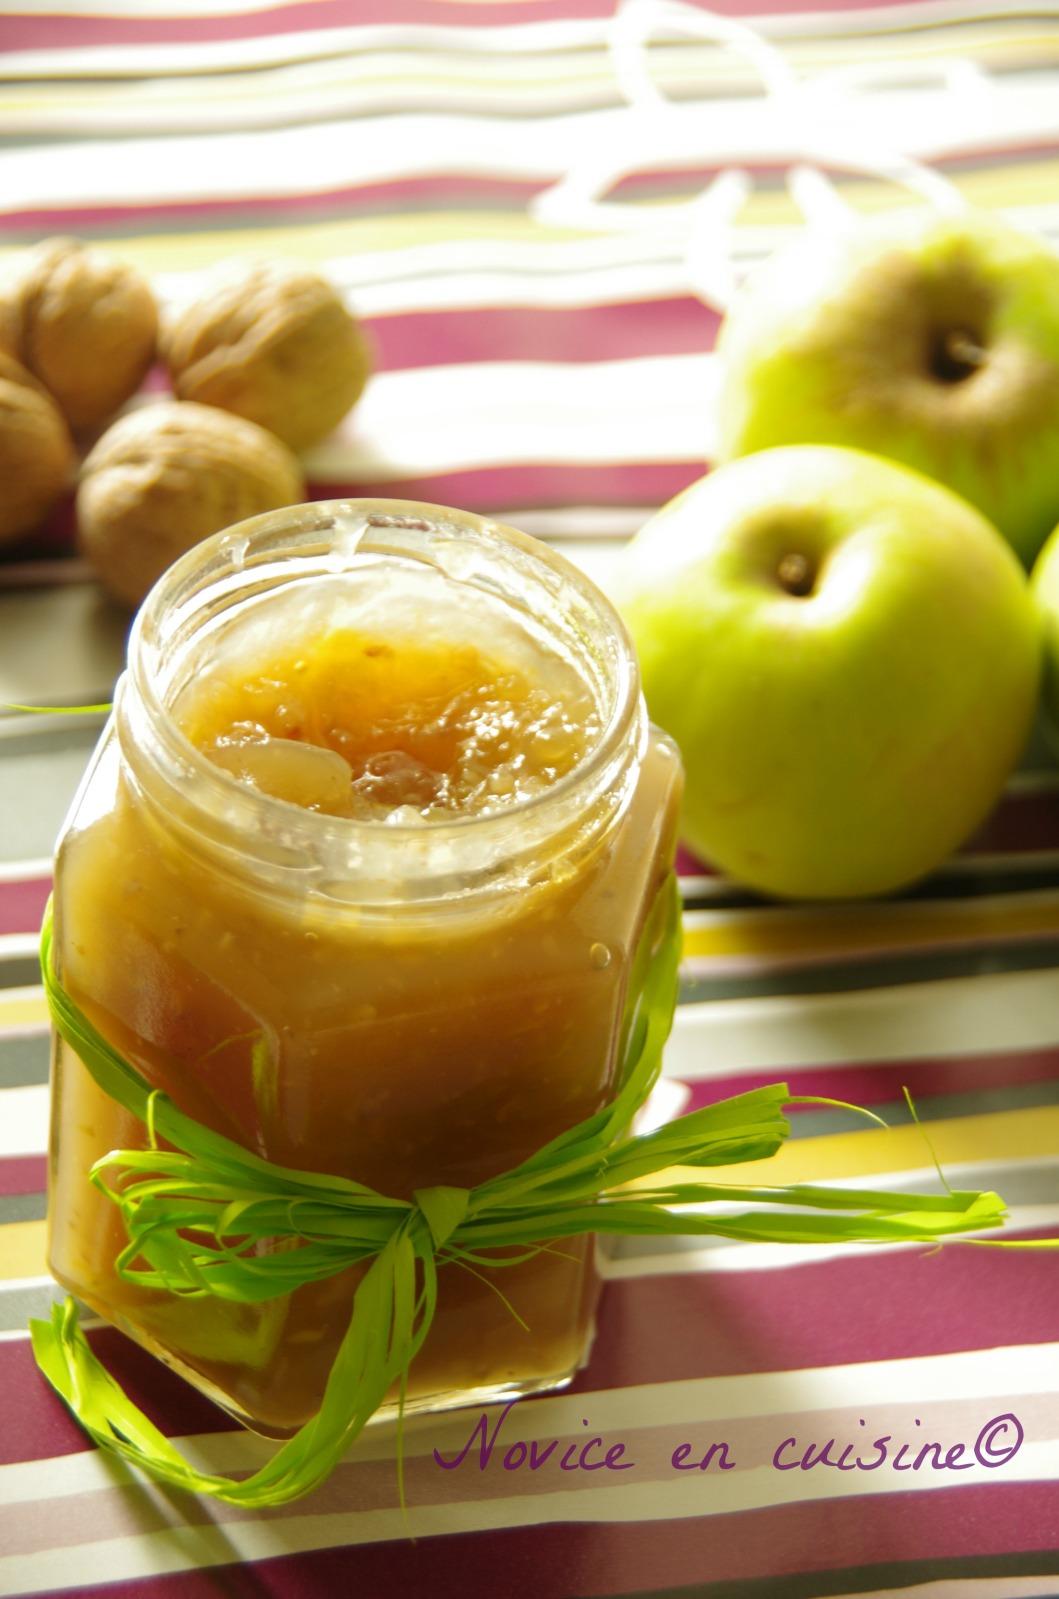 Recette Confiture De Pommes Originale : recette, confiture, pommes, originale, Confiture, Pommes, Recette, Novice, Cuisine